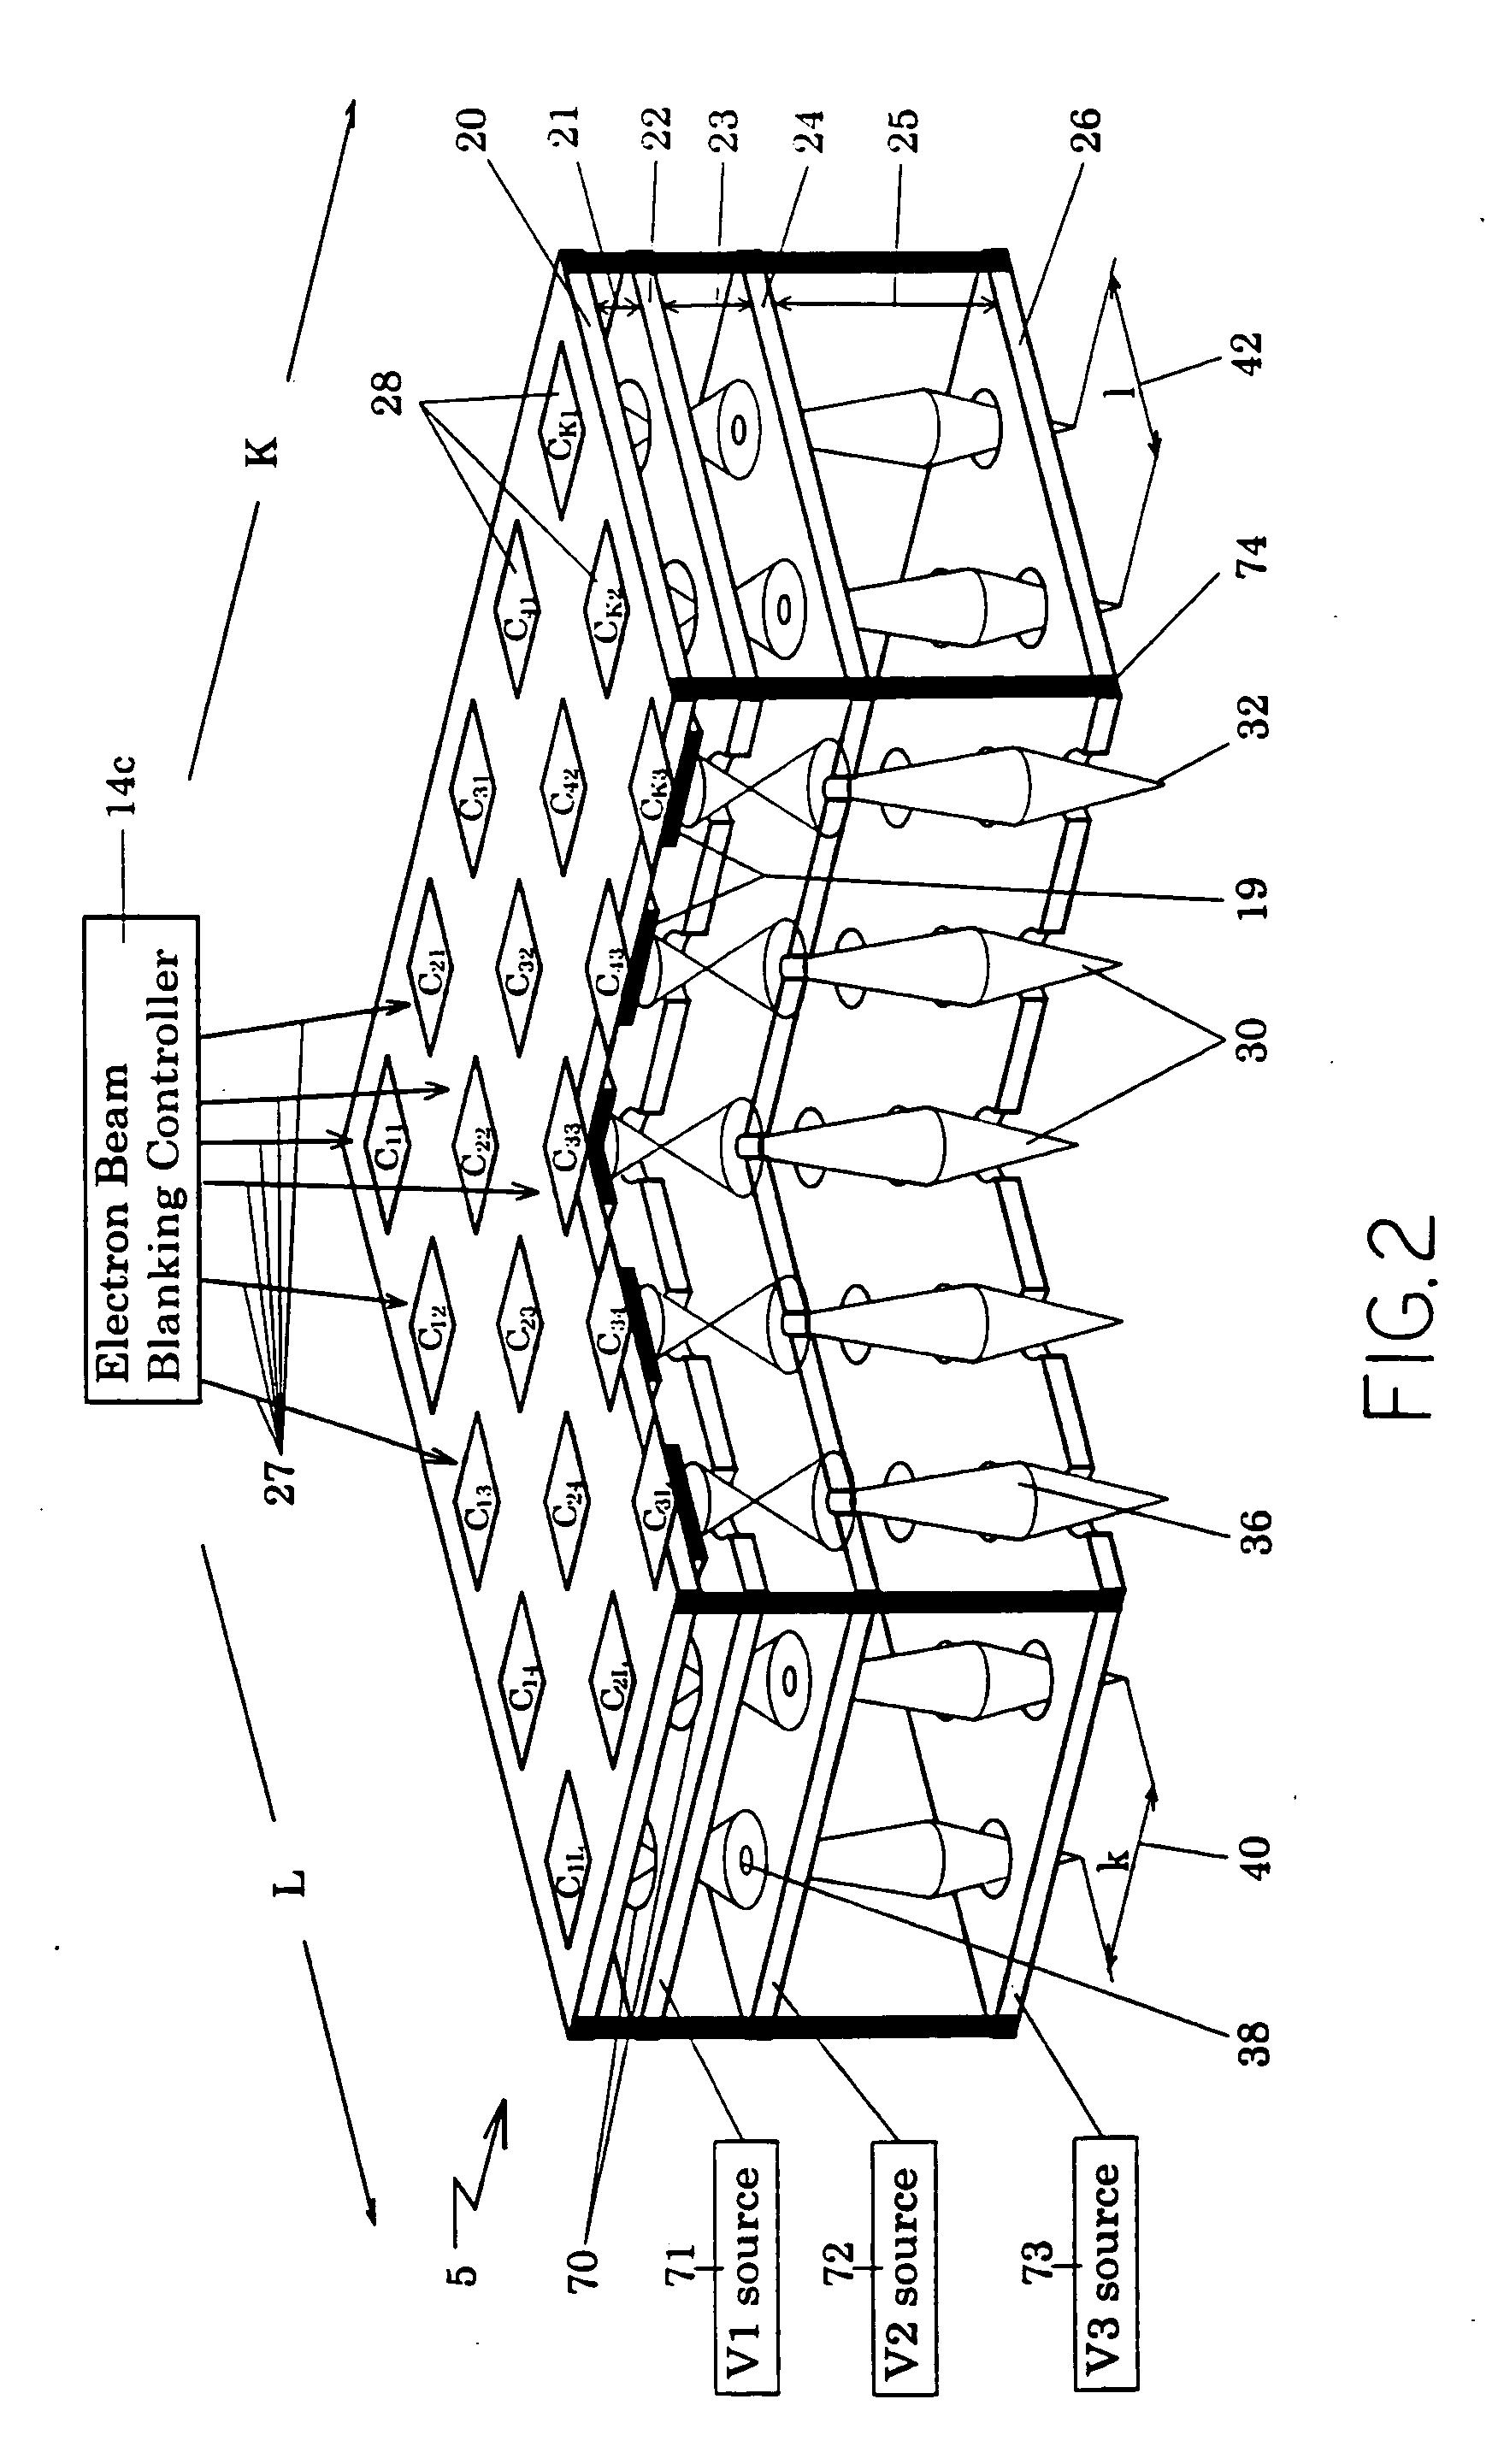 patent us20050253093